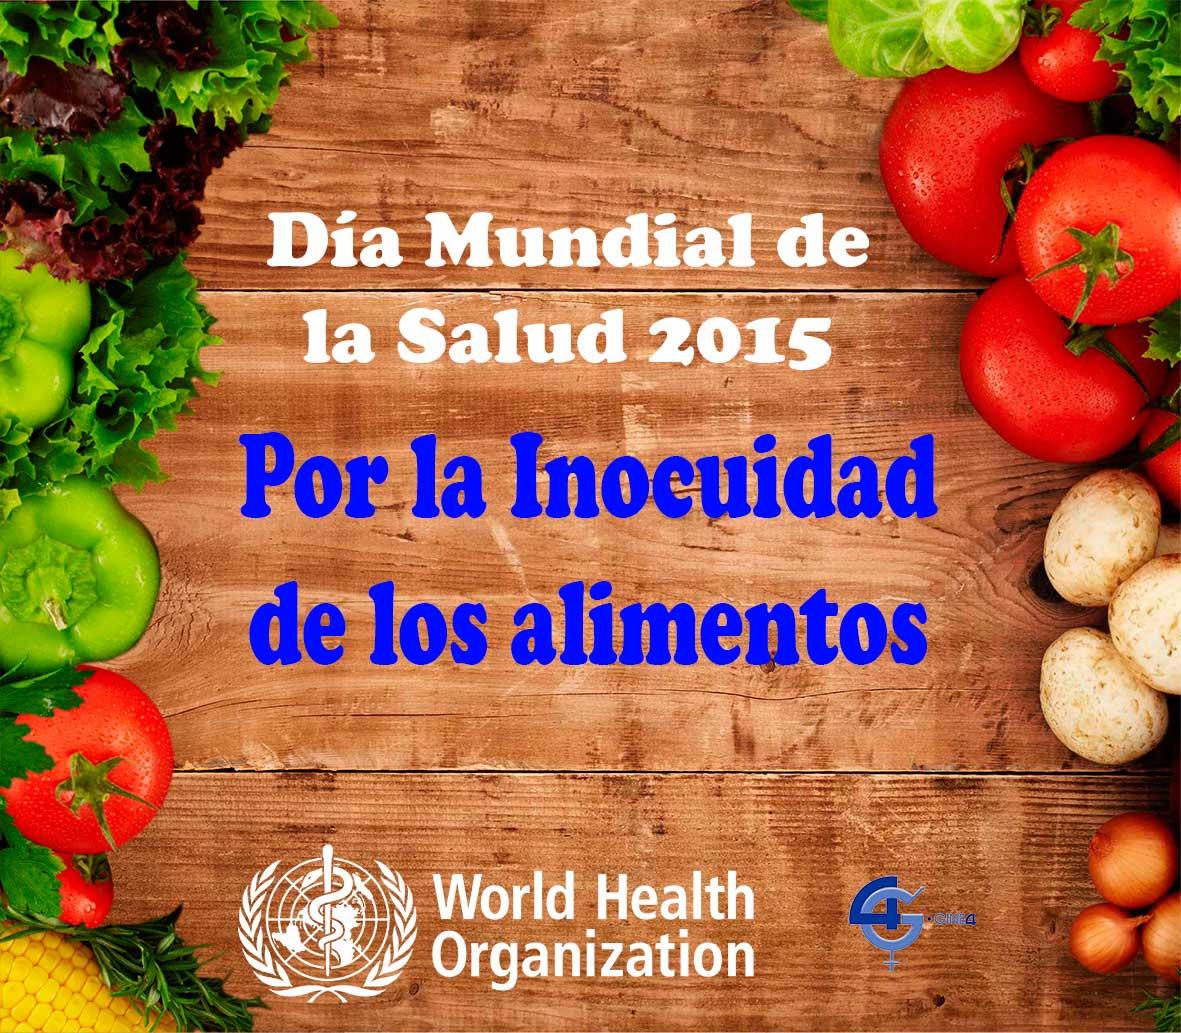 Día Mundial de la Salud 2015